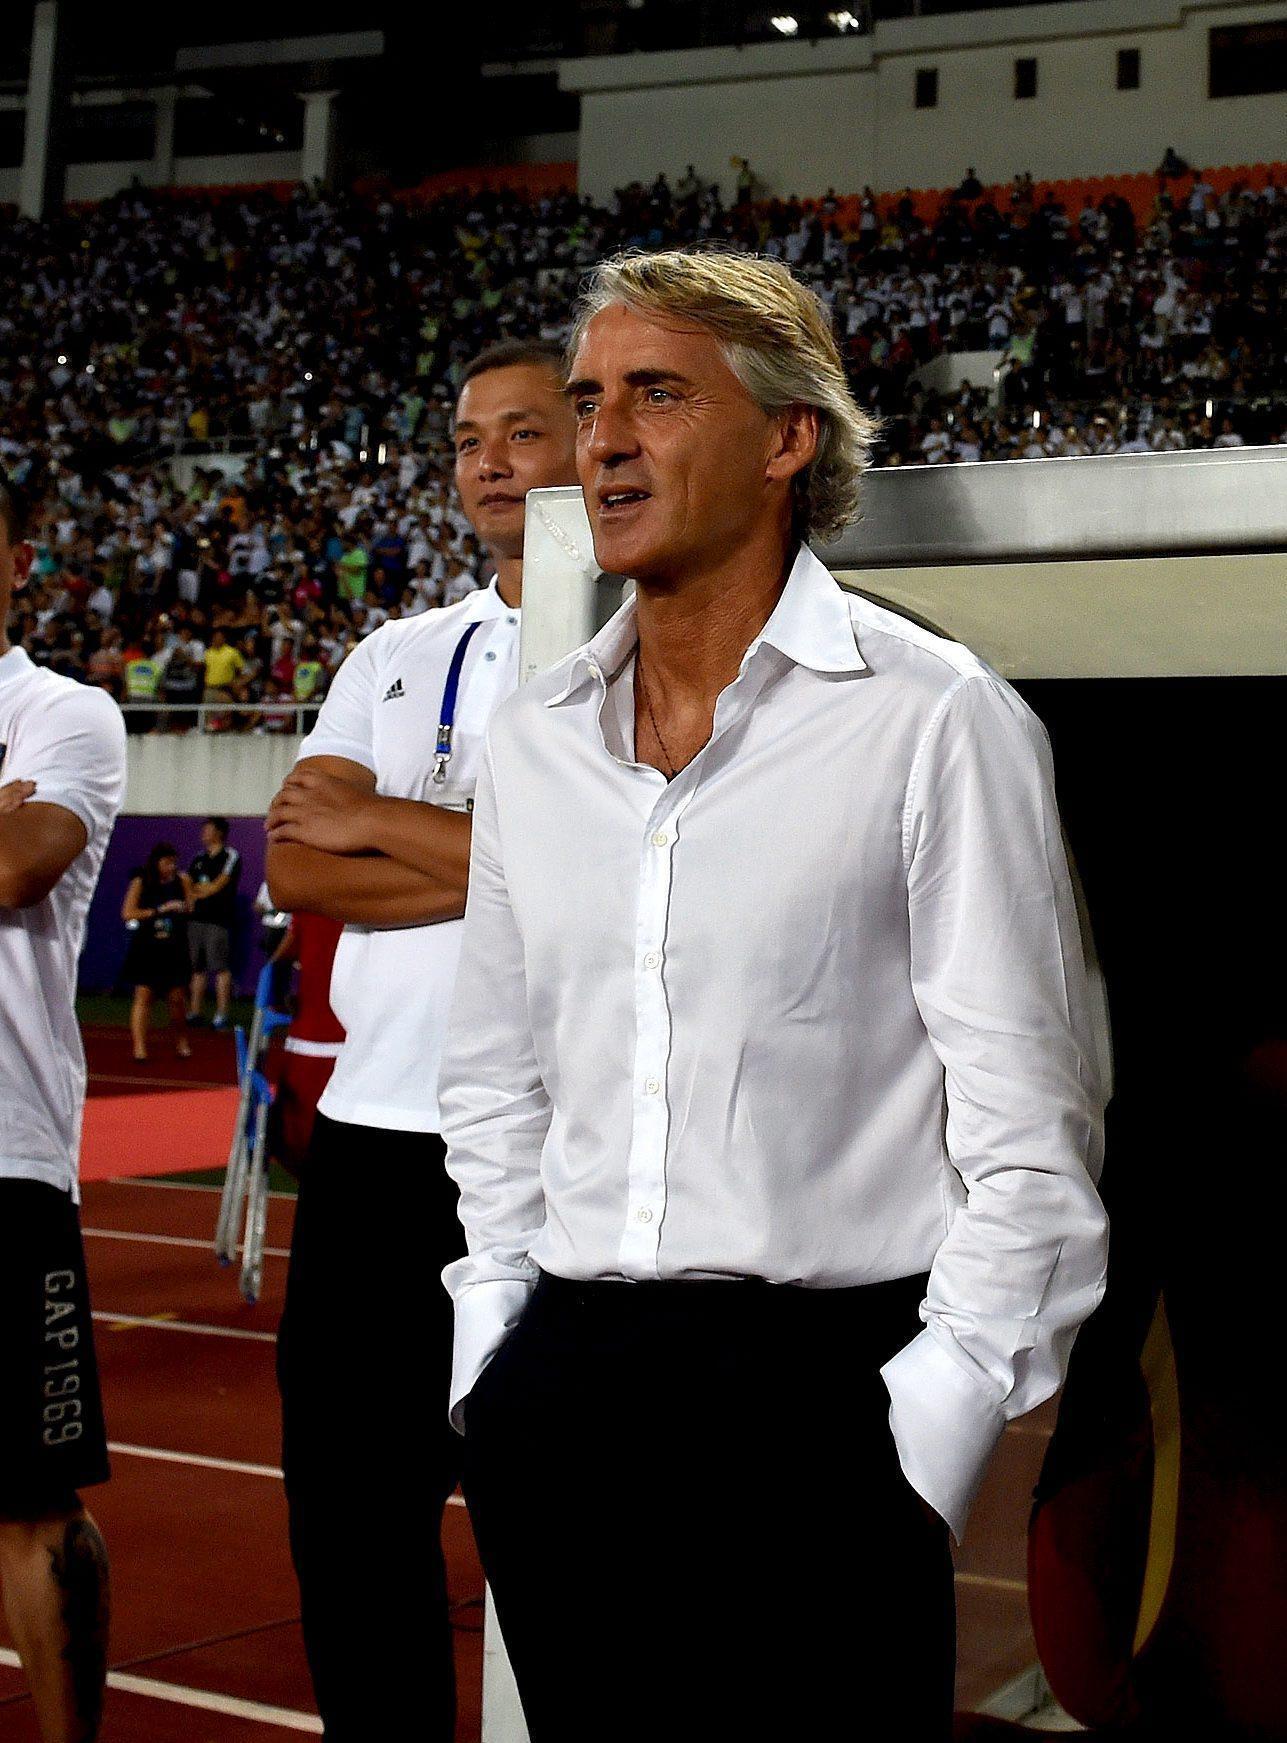 """Mancini ermetico: """"Inter? Non dico nulla. L'Inghilterra? Non c'è niente"""""""